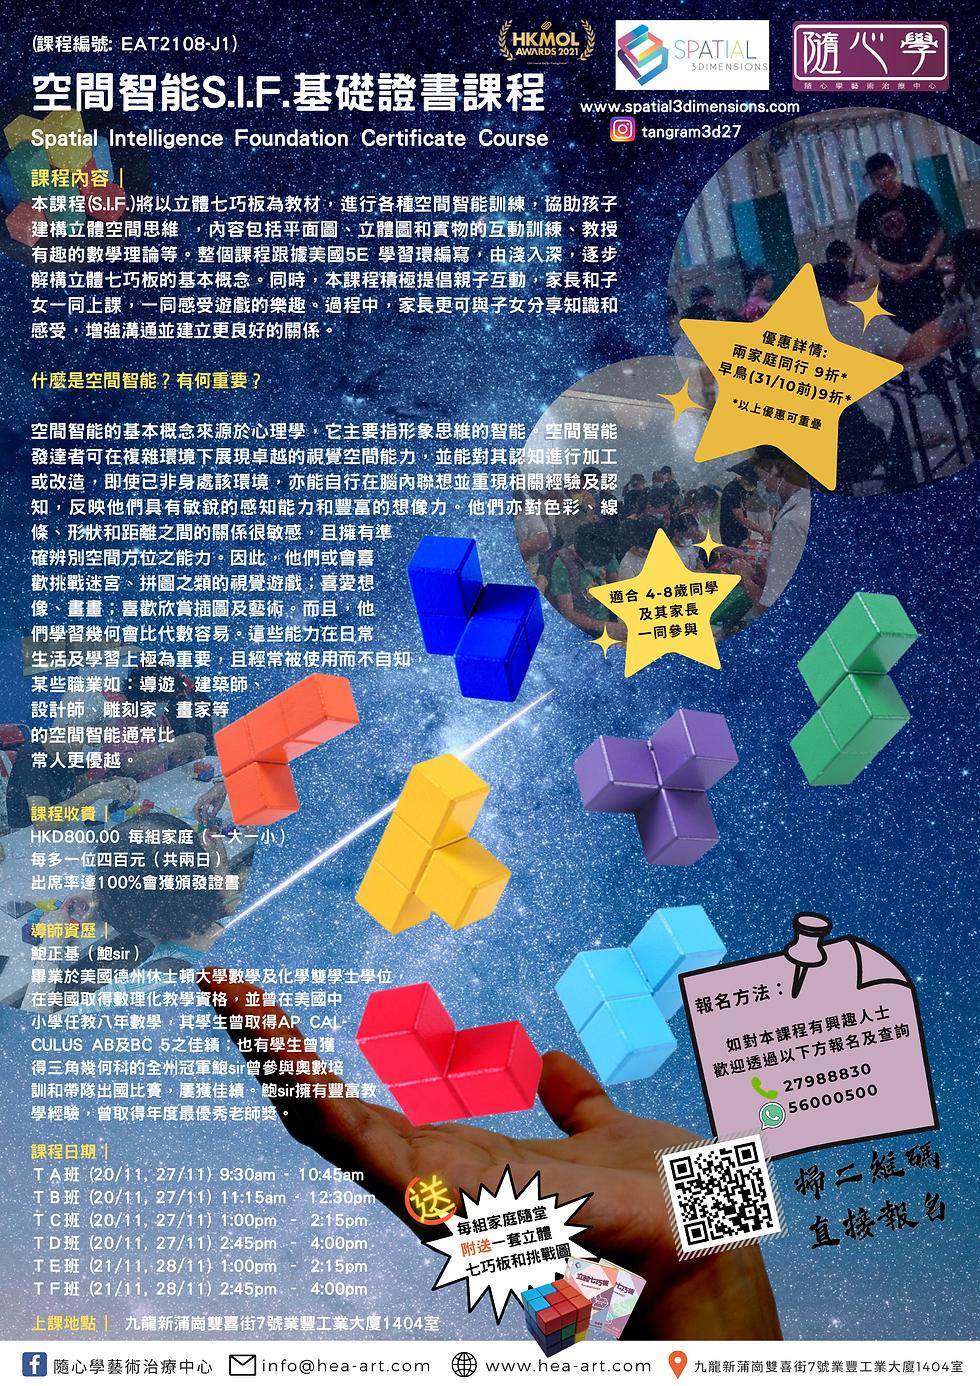 空間智能(基礎)證書課程 .png